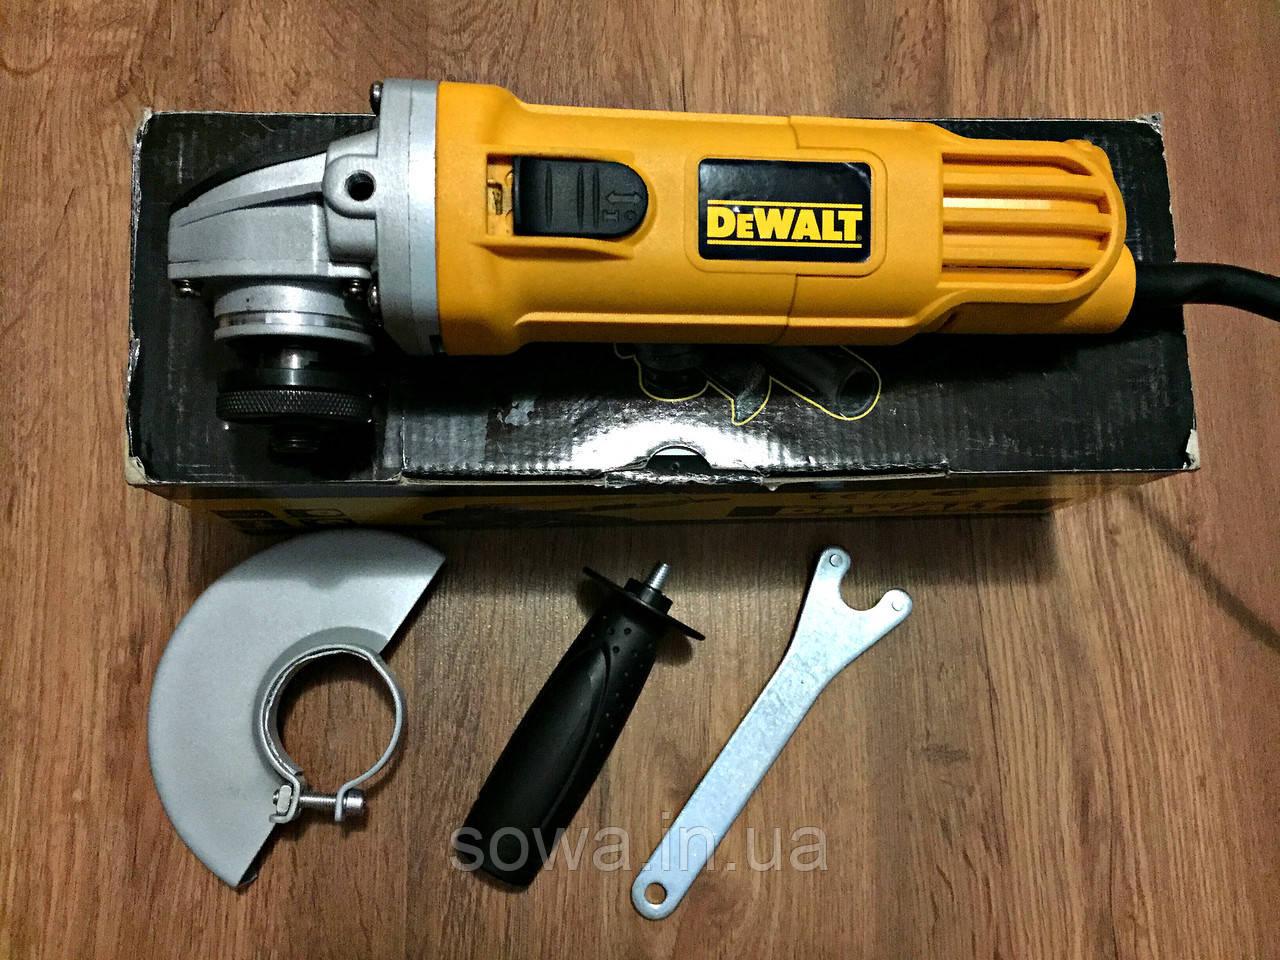 ✔️ Болгарка DeWALT - DWE4157   125 мм, 900 Вт